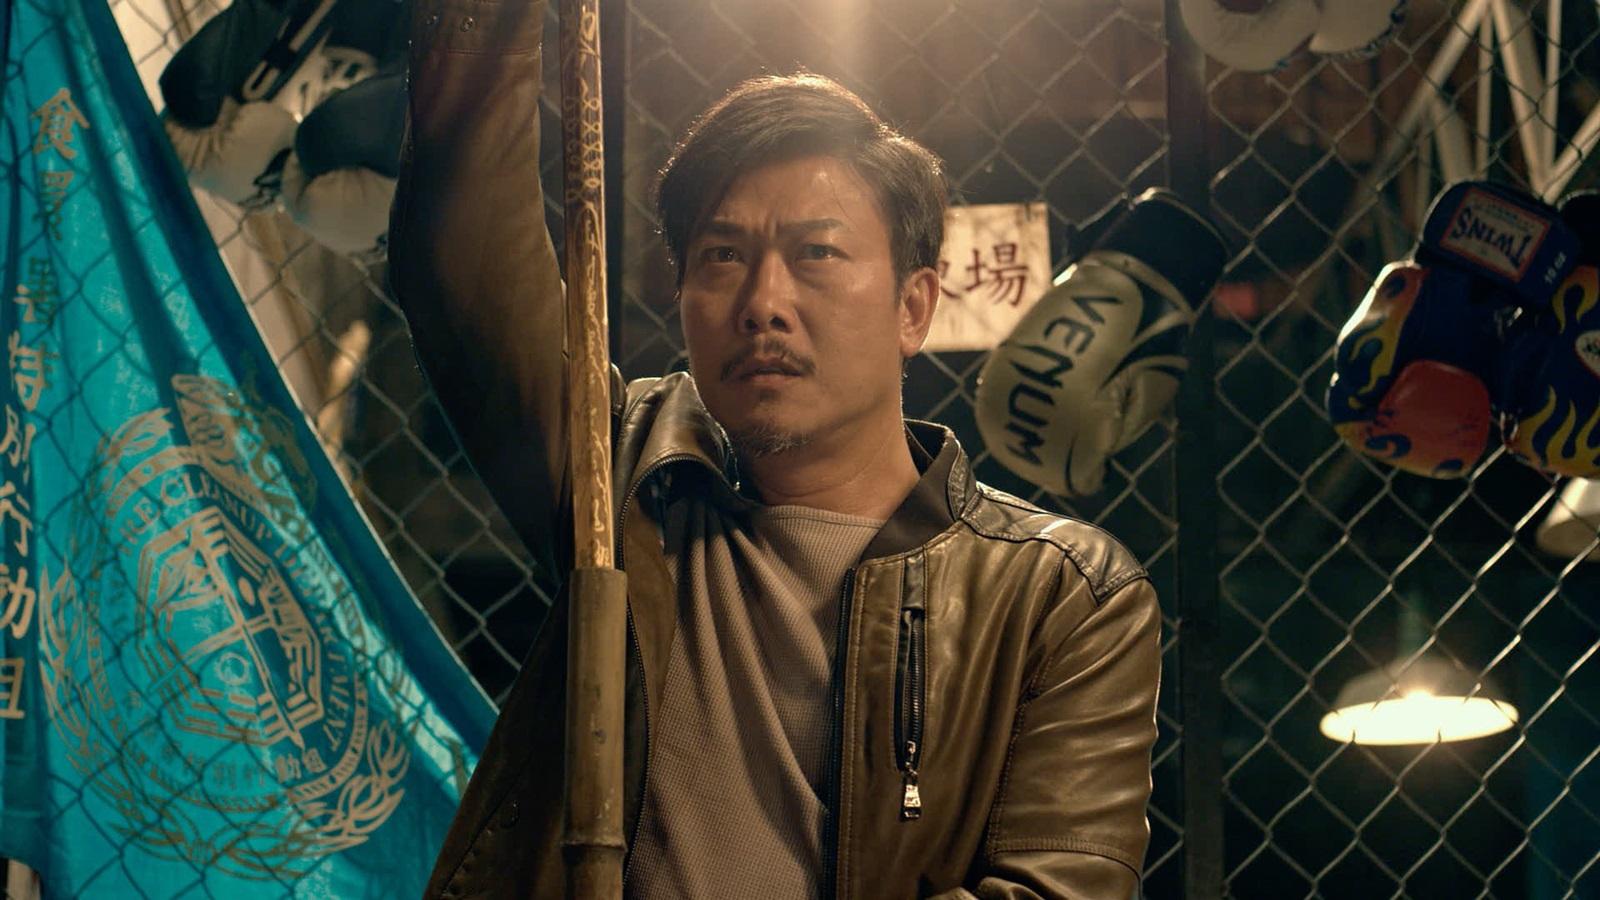 鬼王錢小豪 演出功夫高強的殭屍獵人